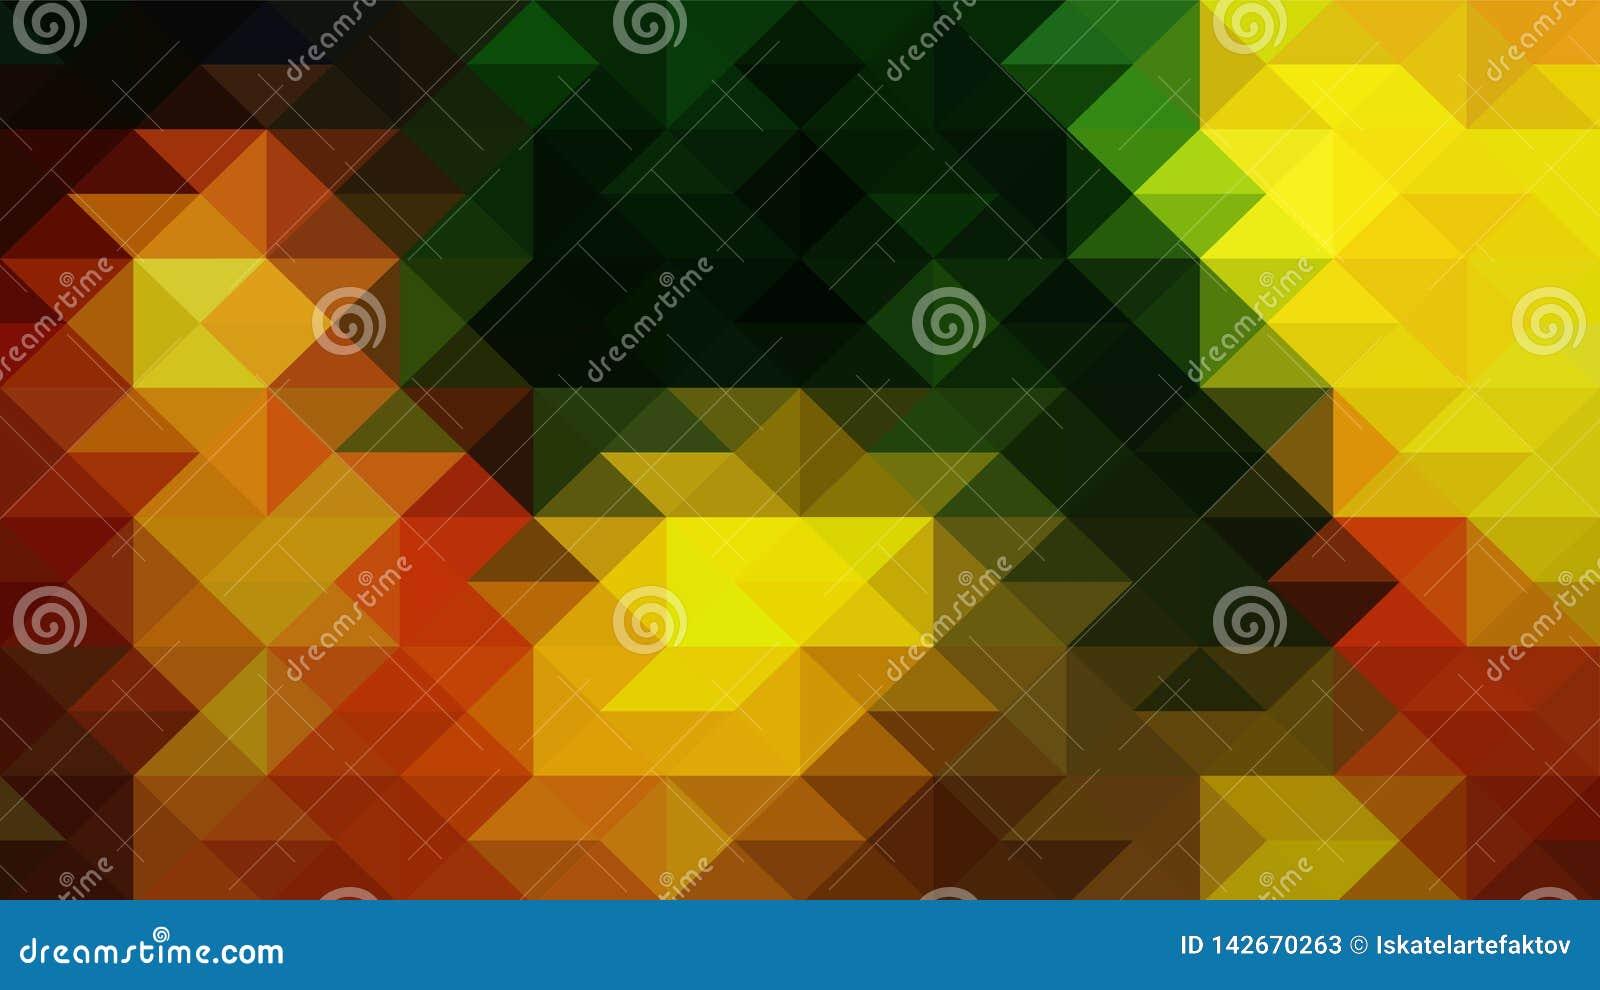 Geometrisch ontwerp, Mozaïek, abstract Mozaïek als achtergrond, Patroon voor bedrijfsadvertentie, boekjes, pamfletten